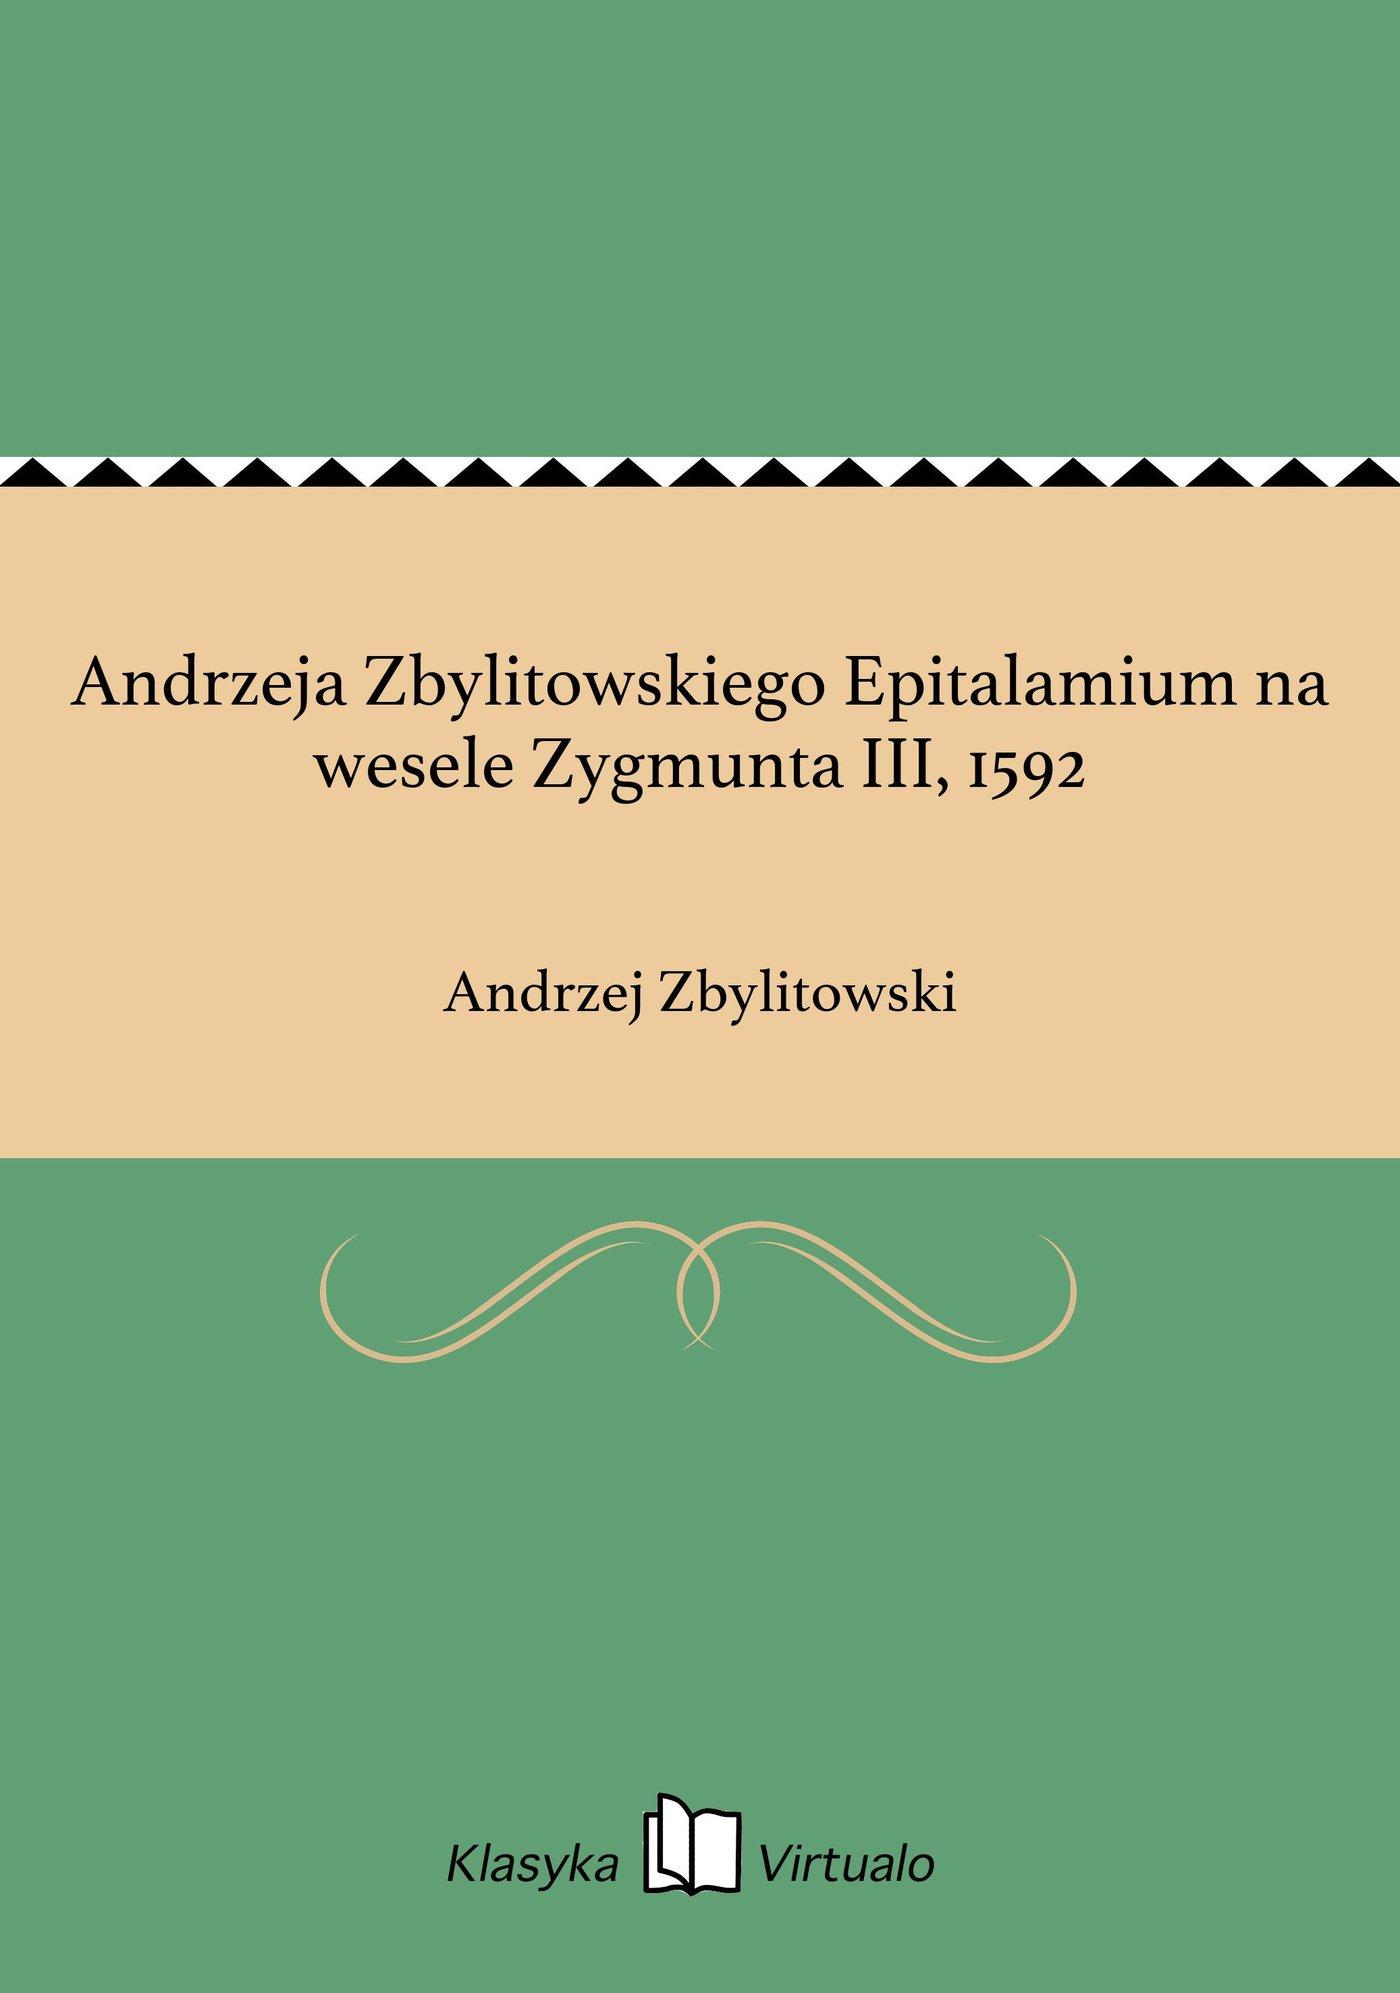 Andrzeja Zbylitowskiego Epitalamium na wesele Zygmunta III, 1592 - Ebook (Książka EPUB) do pobrania w formacie EPUB